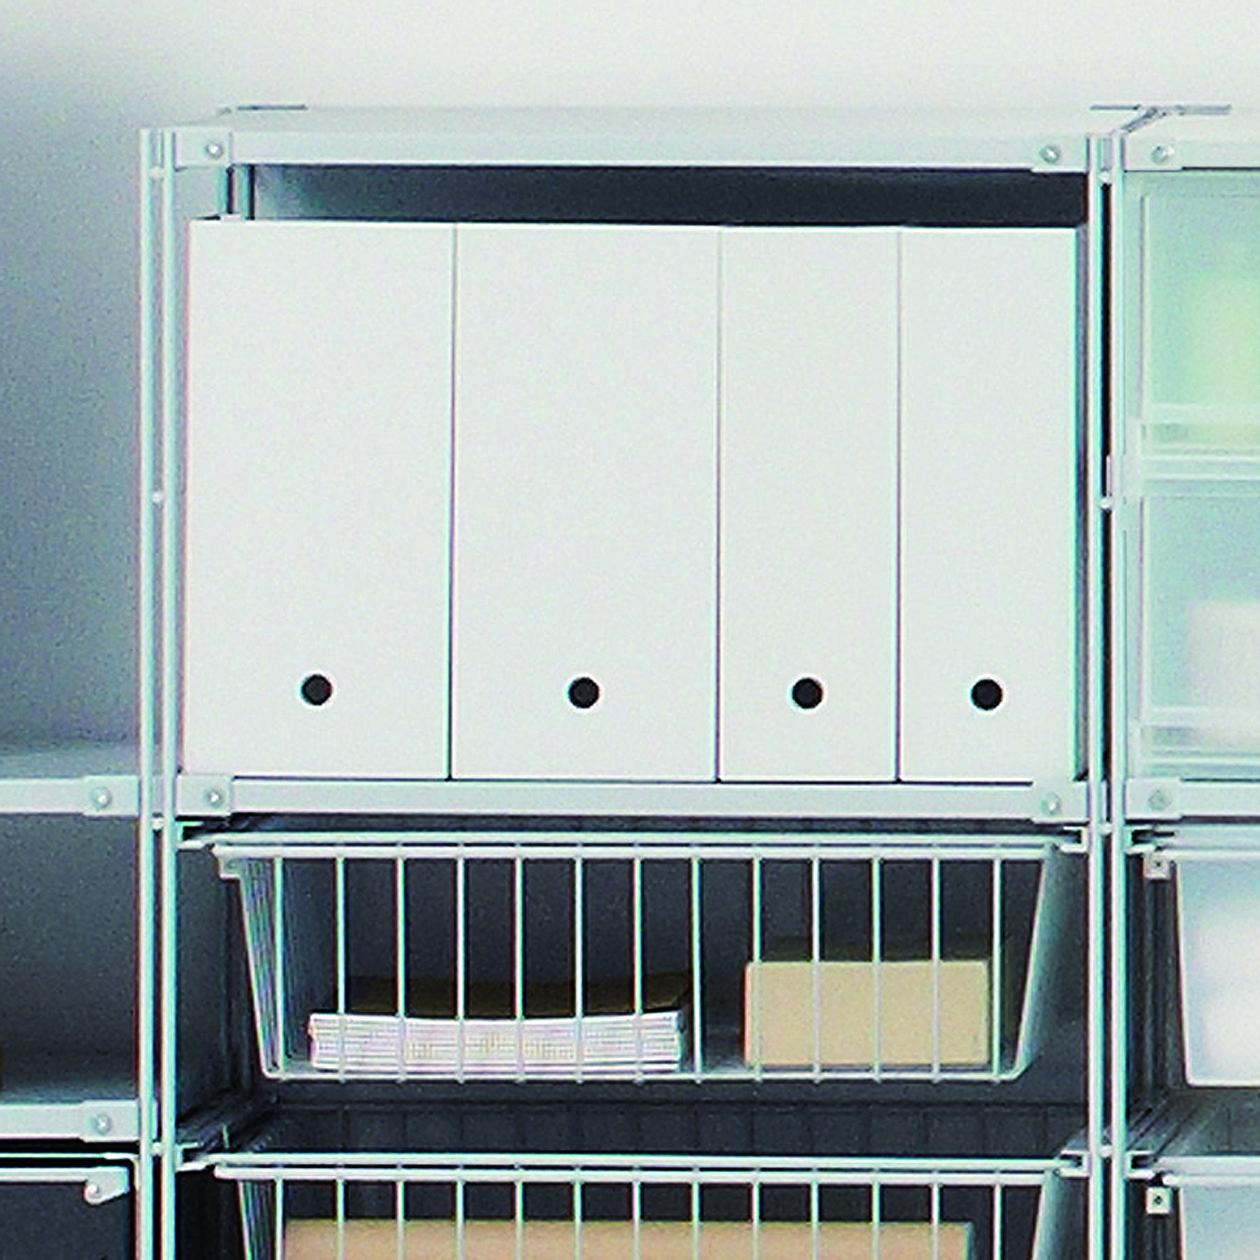 ポリプロピレンファイルボックス・スタンダードタイプ・A4用・ホワイトグレー 約幅10×